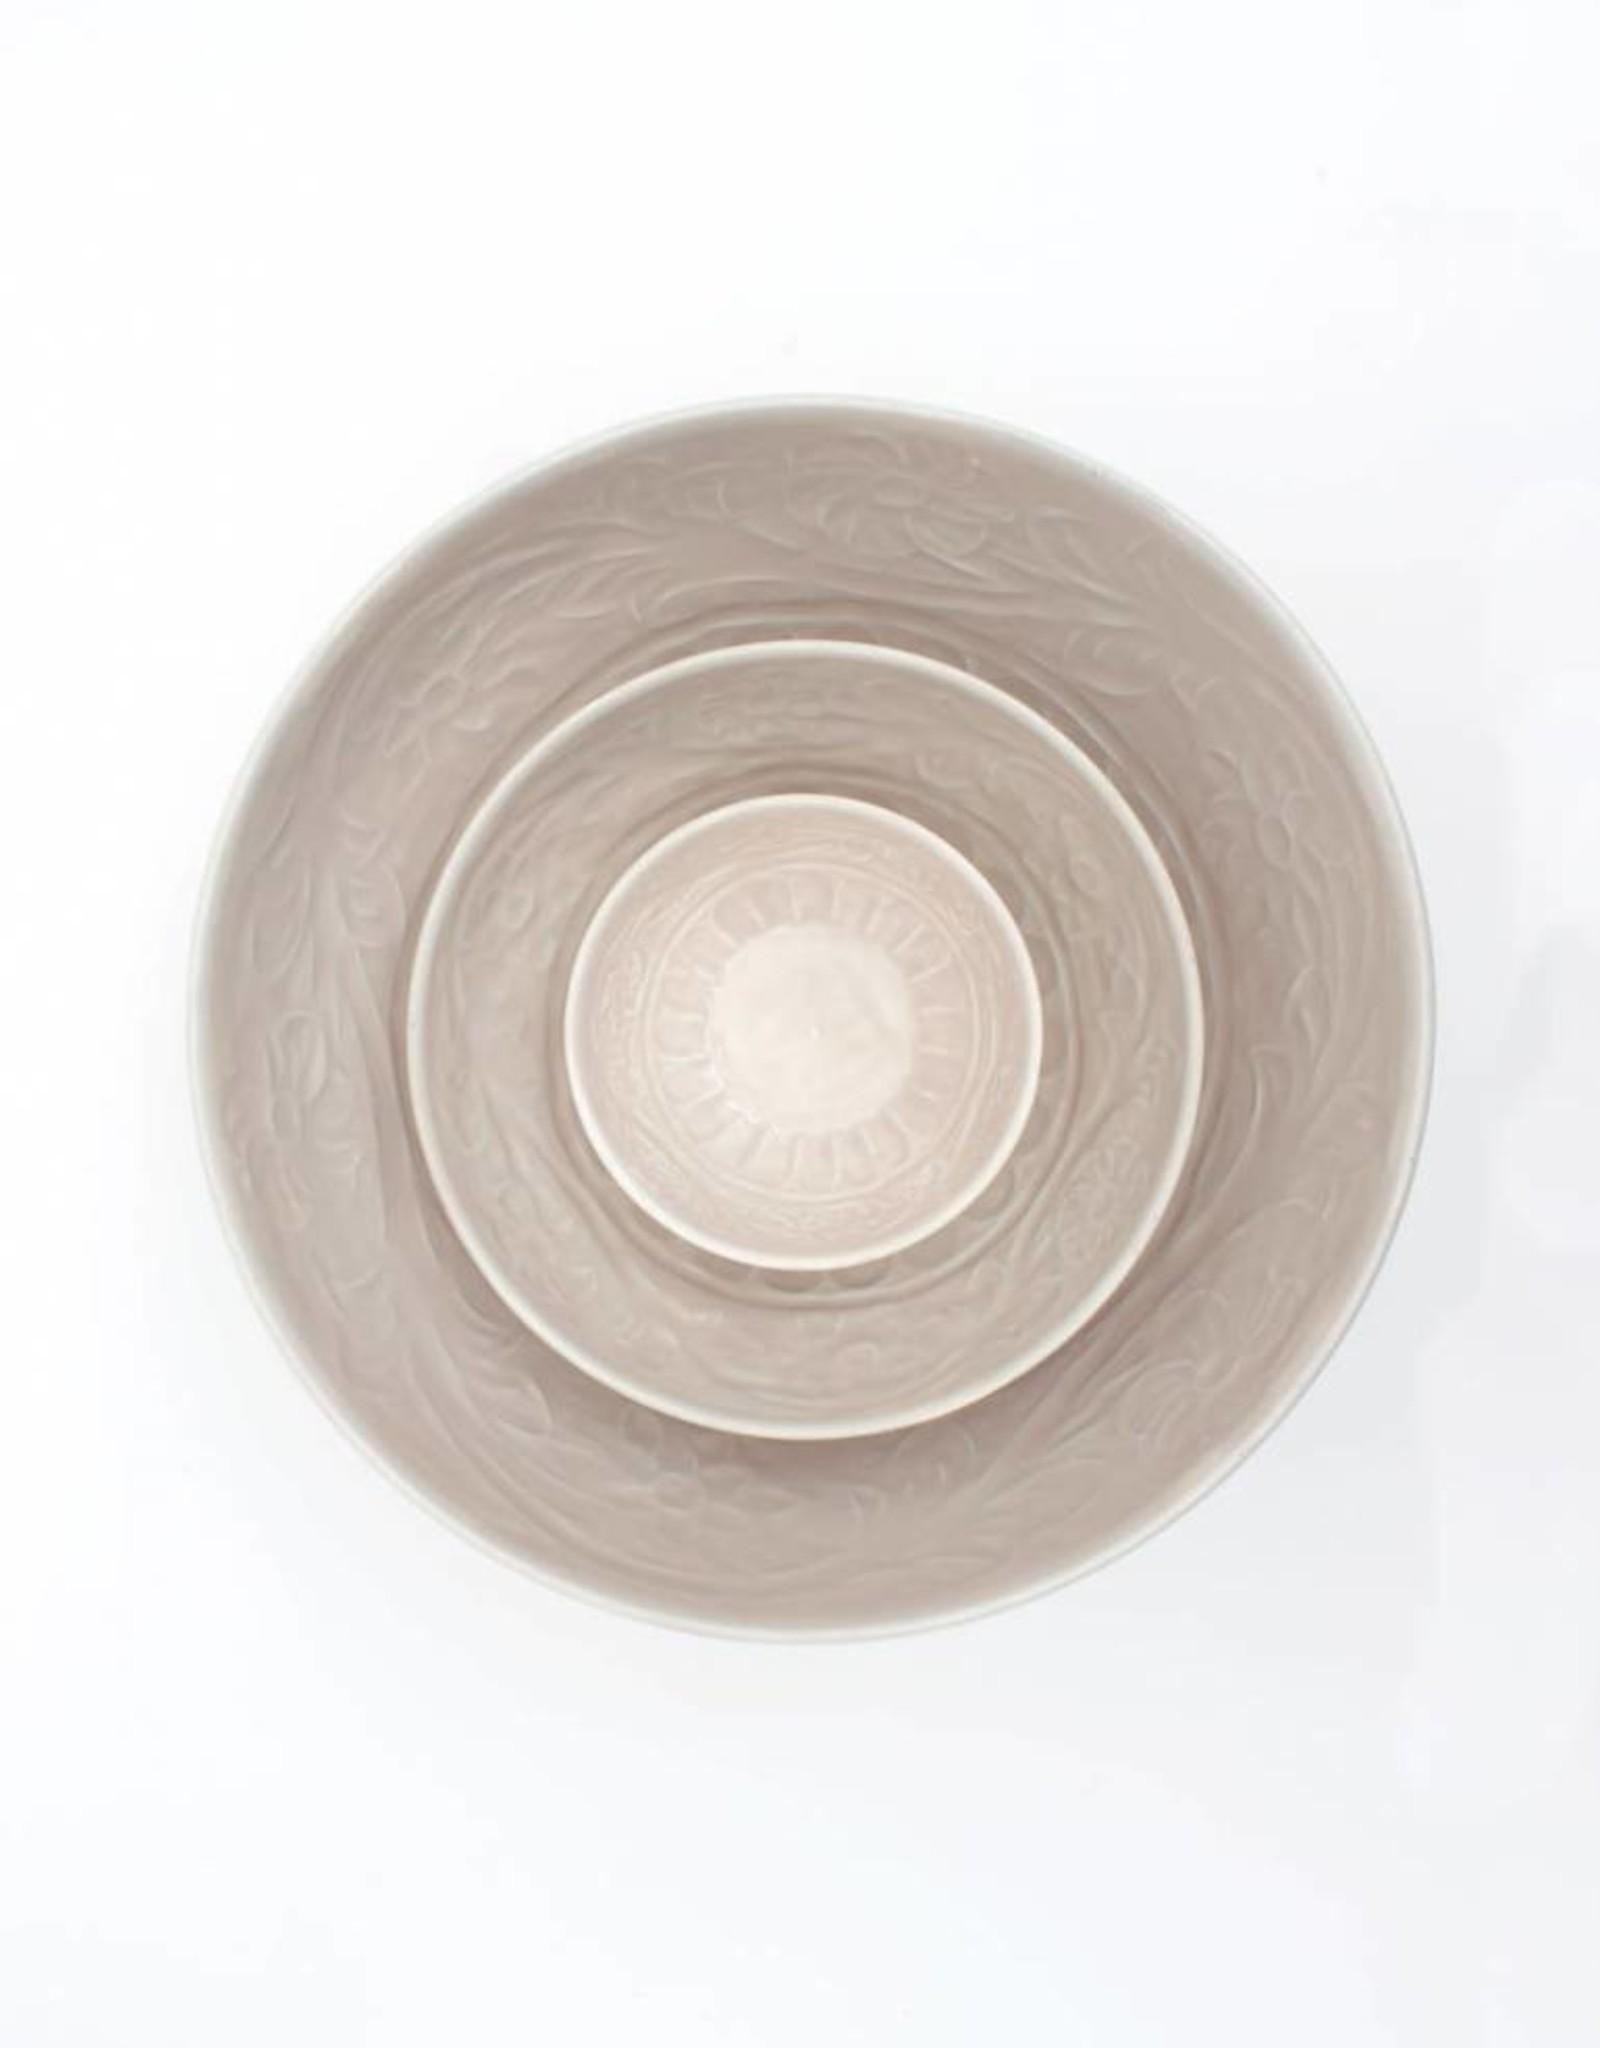 Enamel Bowls, Set of Three - Cream